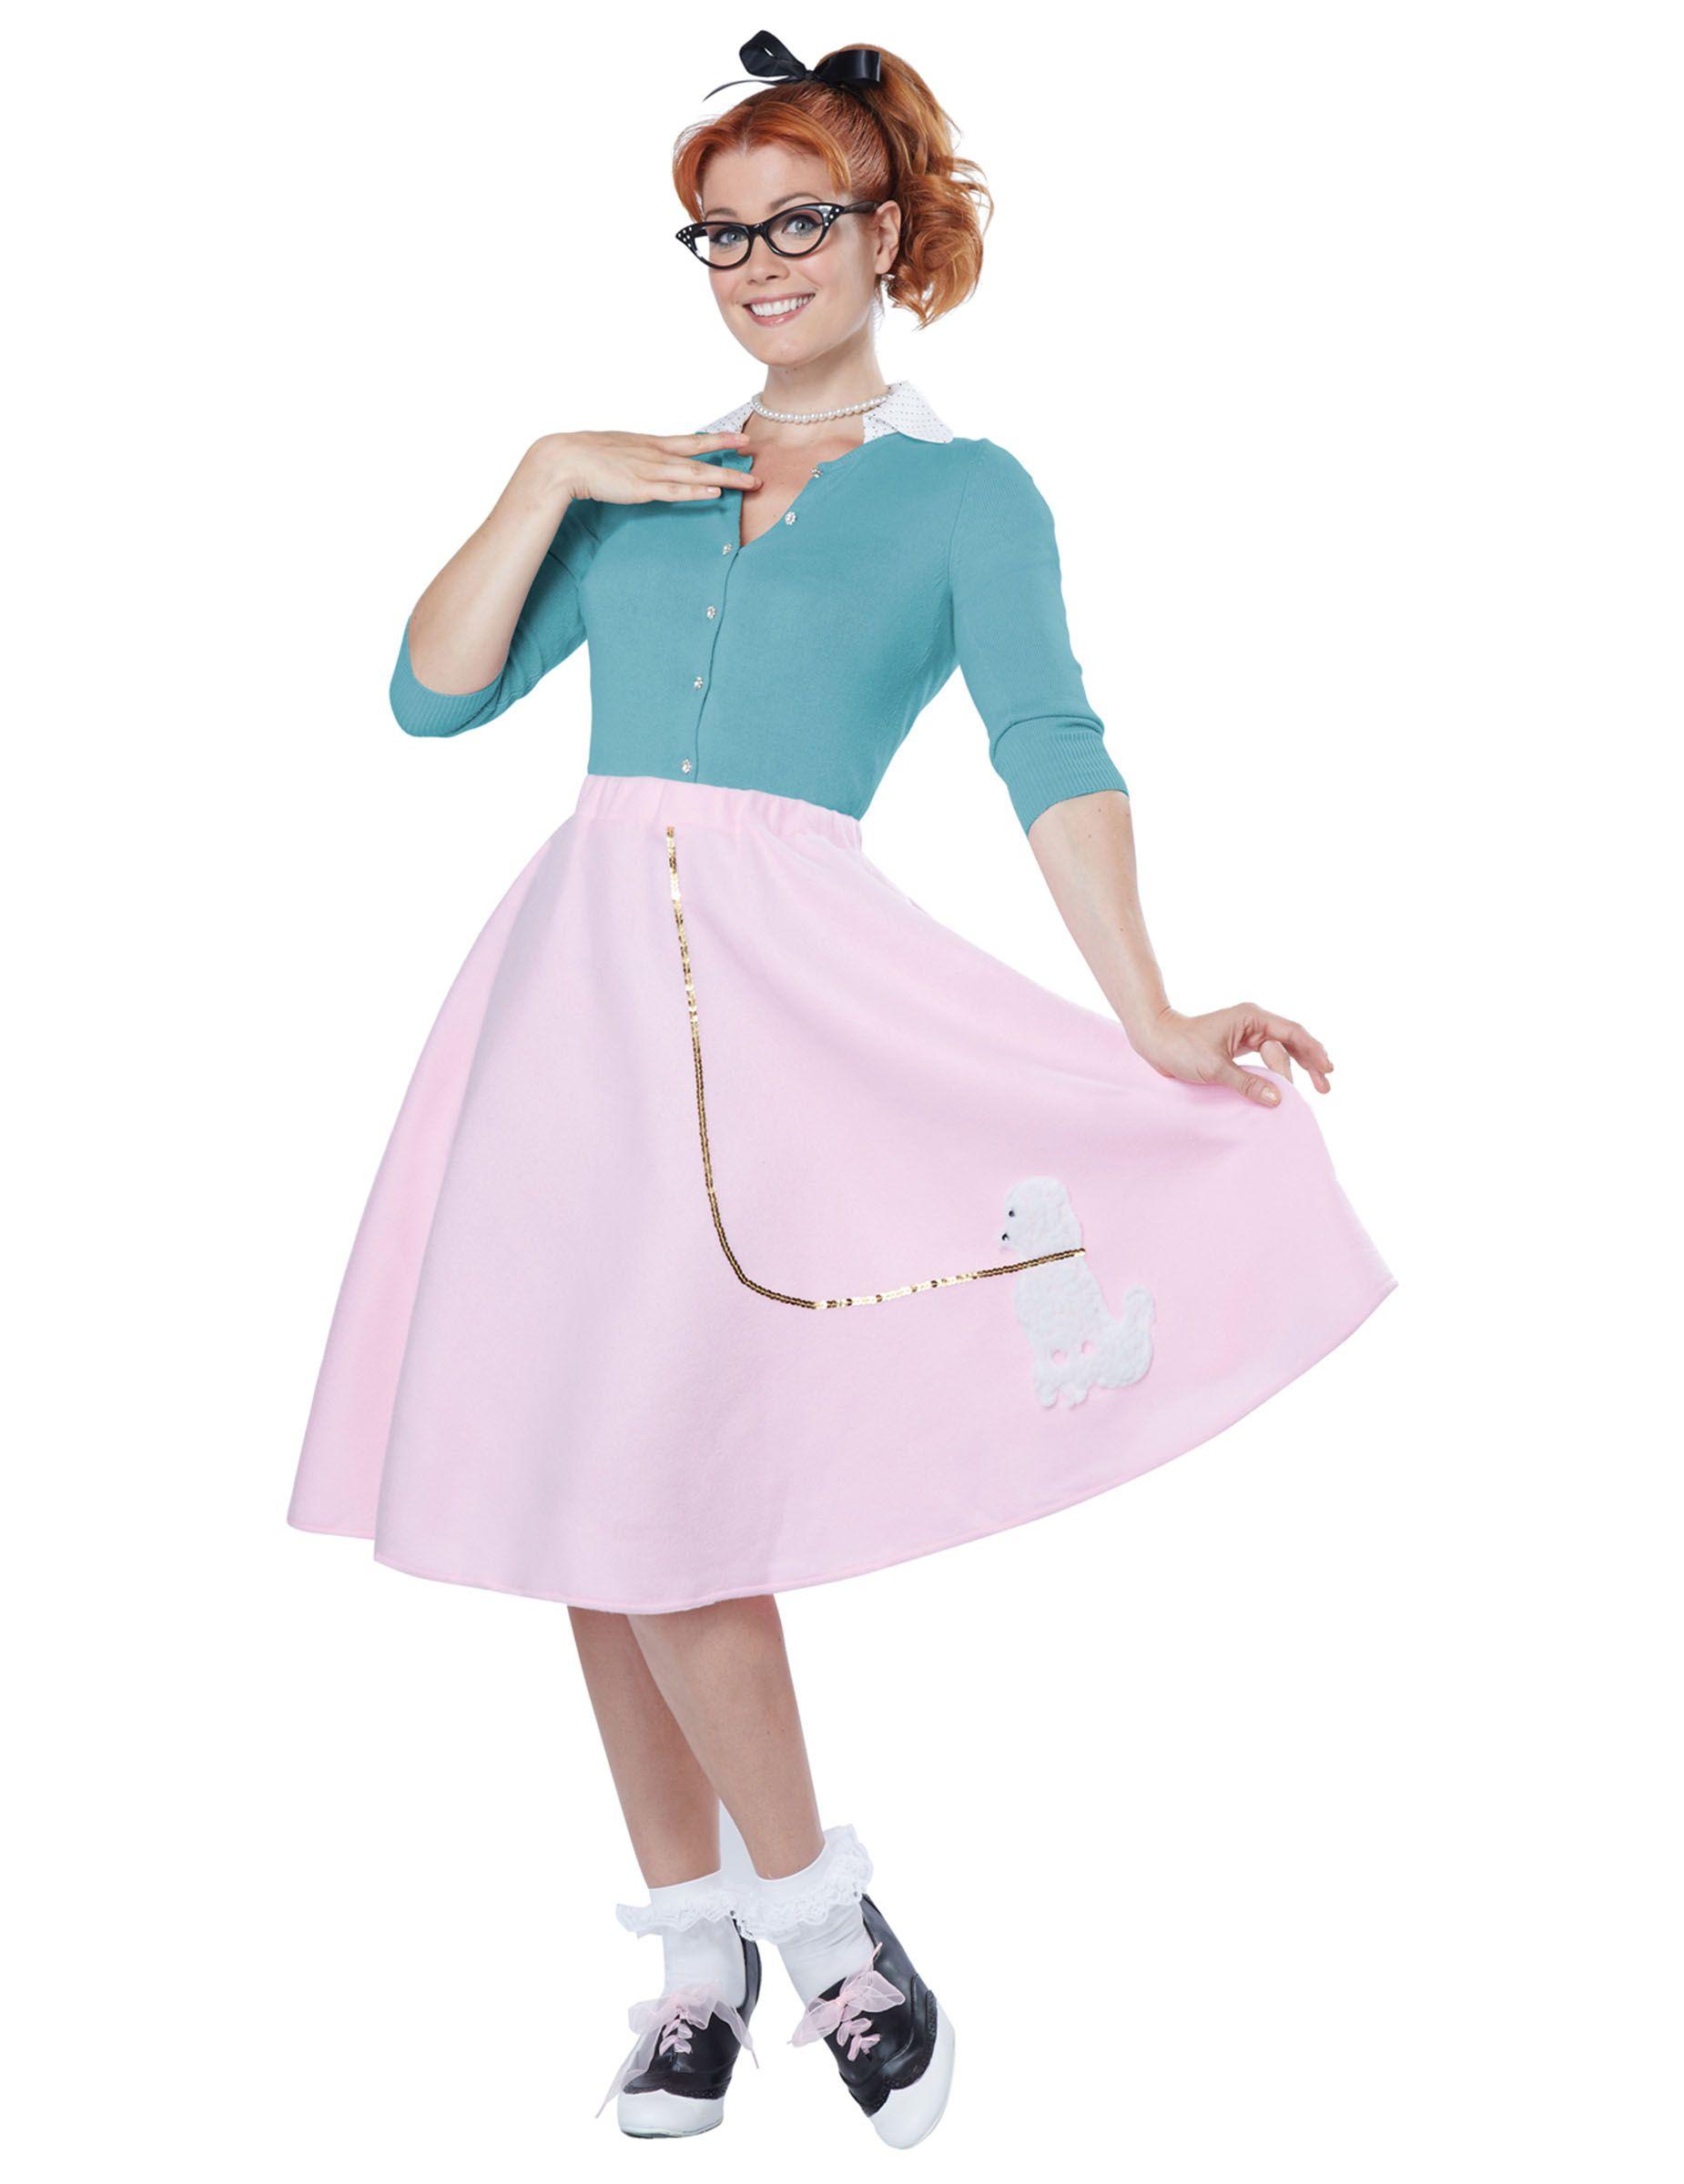 Disfraz años 50 mujer rosa Disfraz años 50, Disfraces